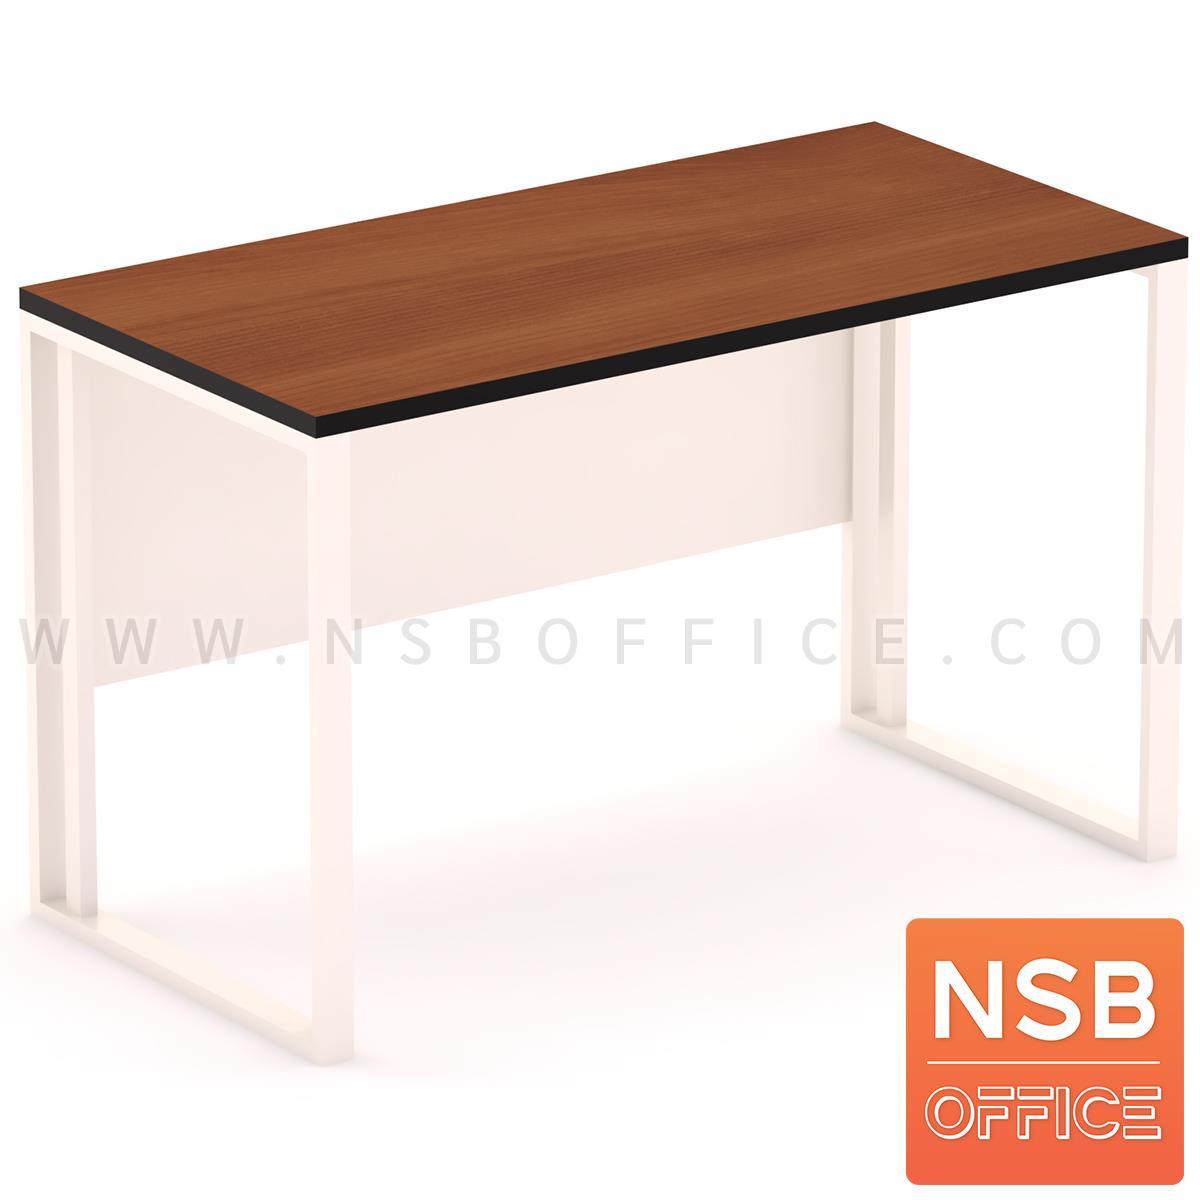 E02A056:โต๊ะทำงานเหล็กหน้าไม้ รุ่น Edgware (เอดจ์แวร์) ขนาด 120W, 150W cm.